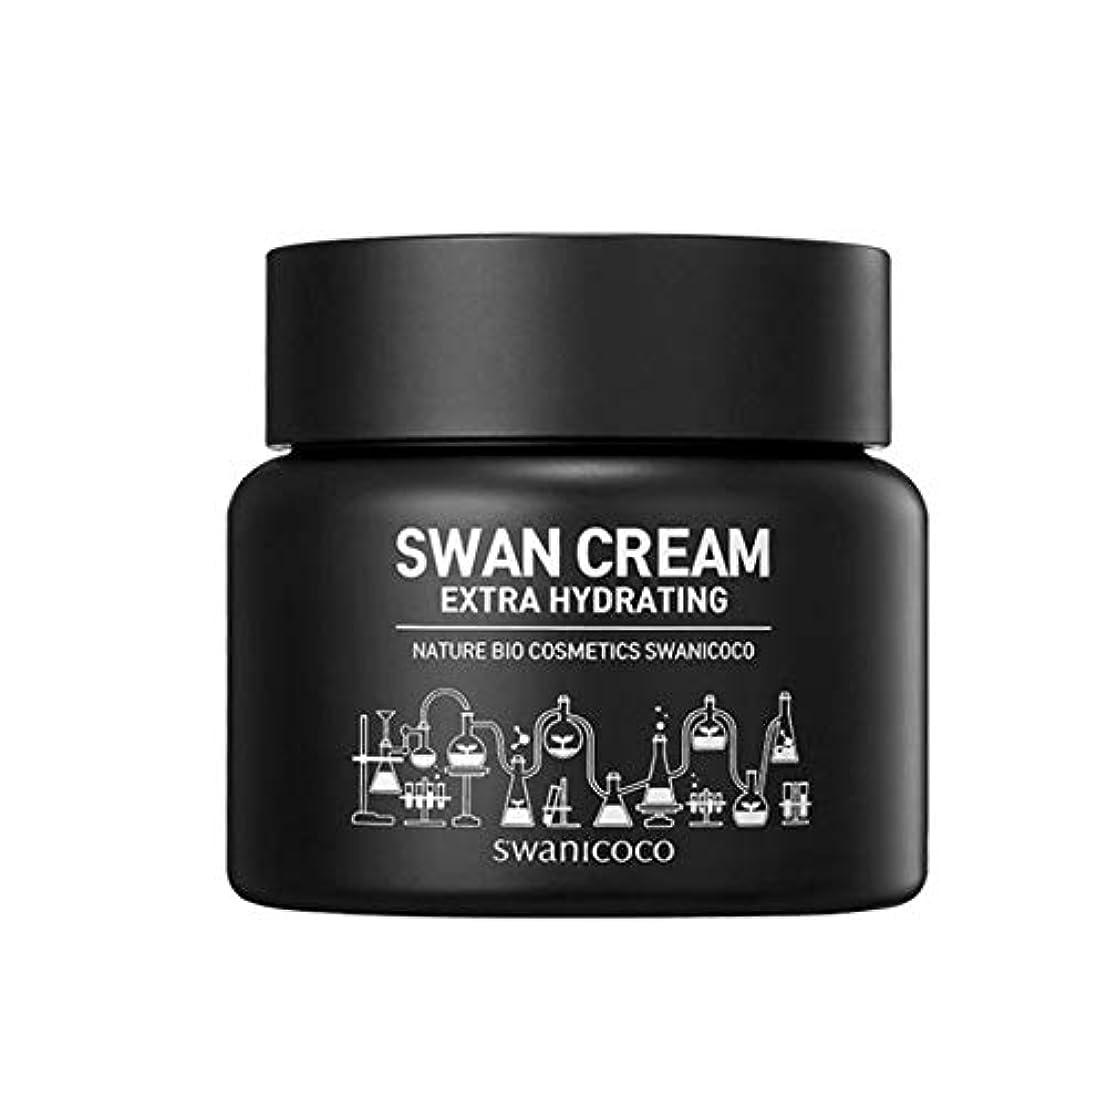 会社パッケージ自発的スワニーココ天然水分白鳥クリームブラック50ml、Swanicoco Natural Water Swan Cream Black 50ml [並行輸入品]